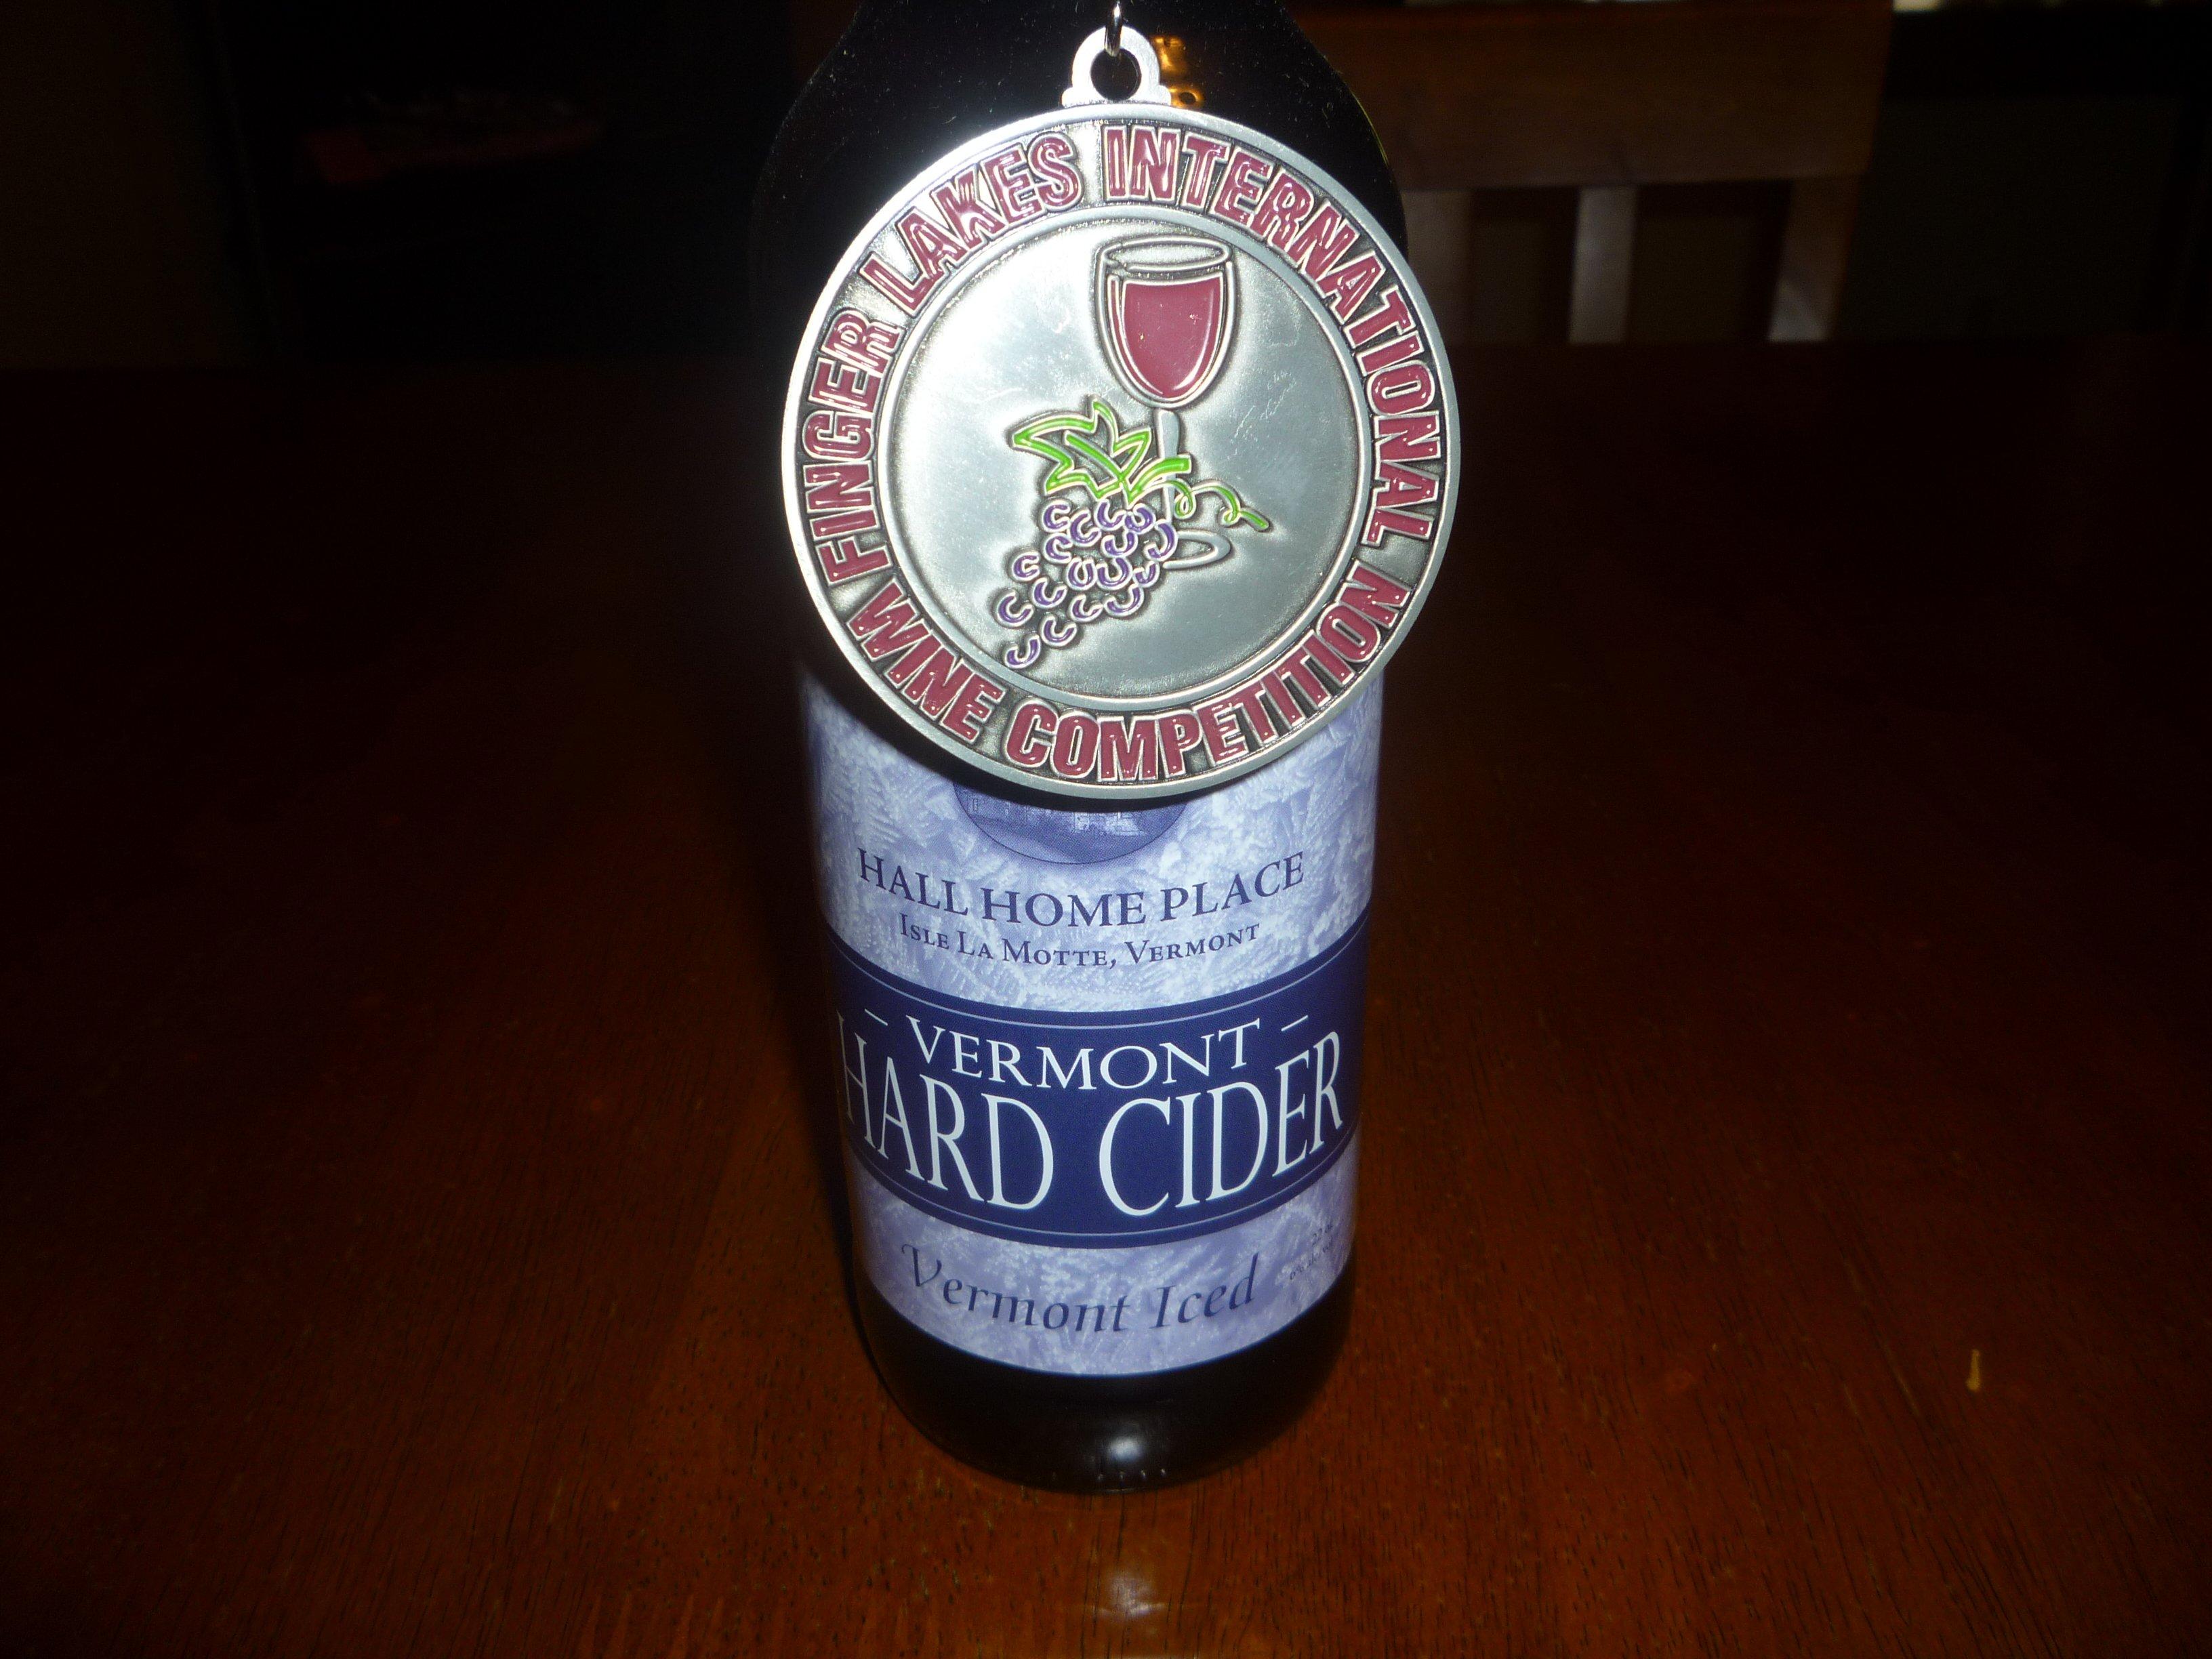 Medal on cider